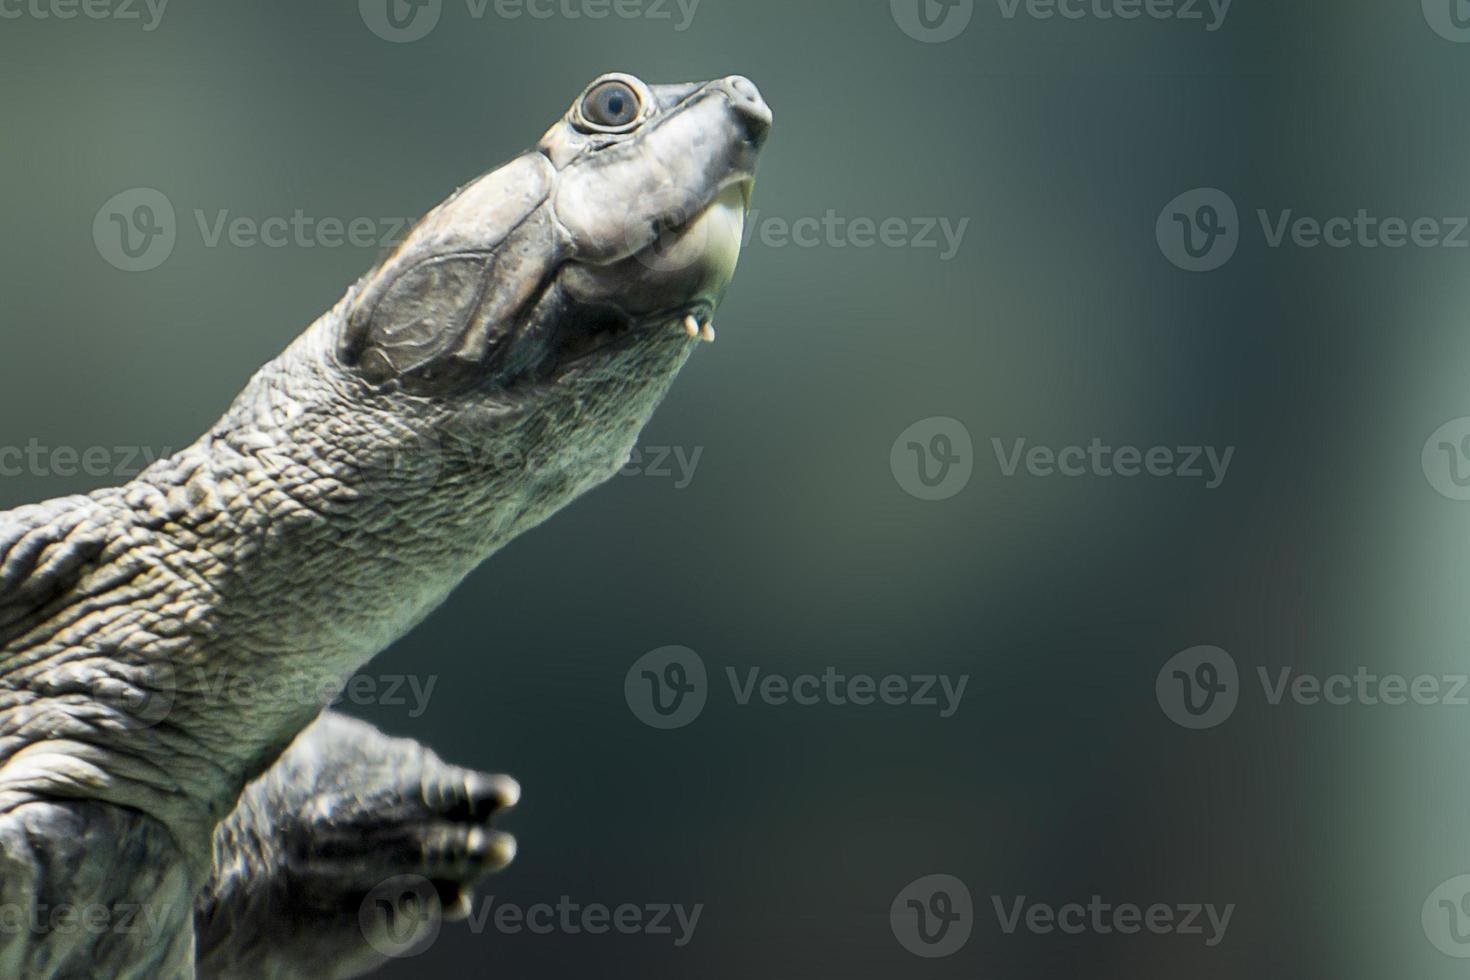 tartaruga gigante do rio foto